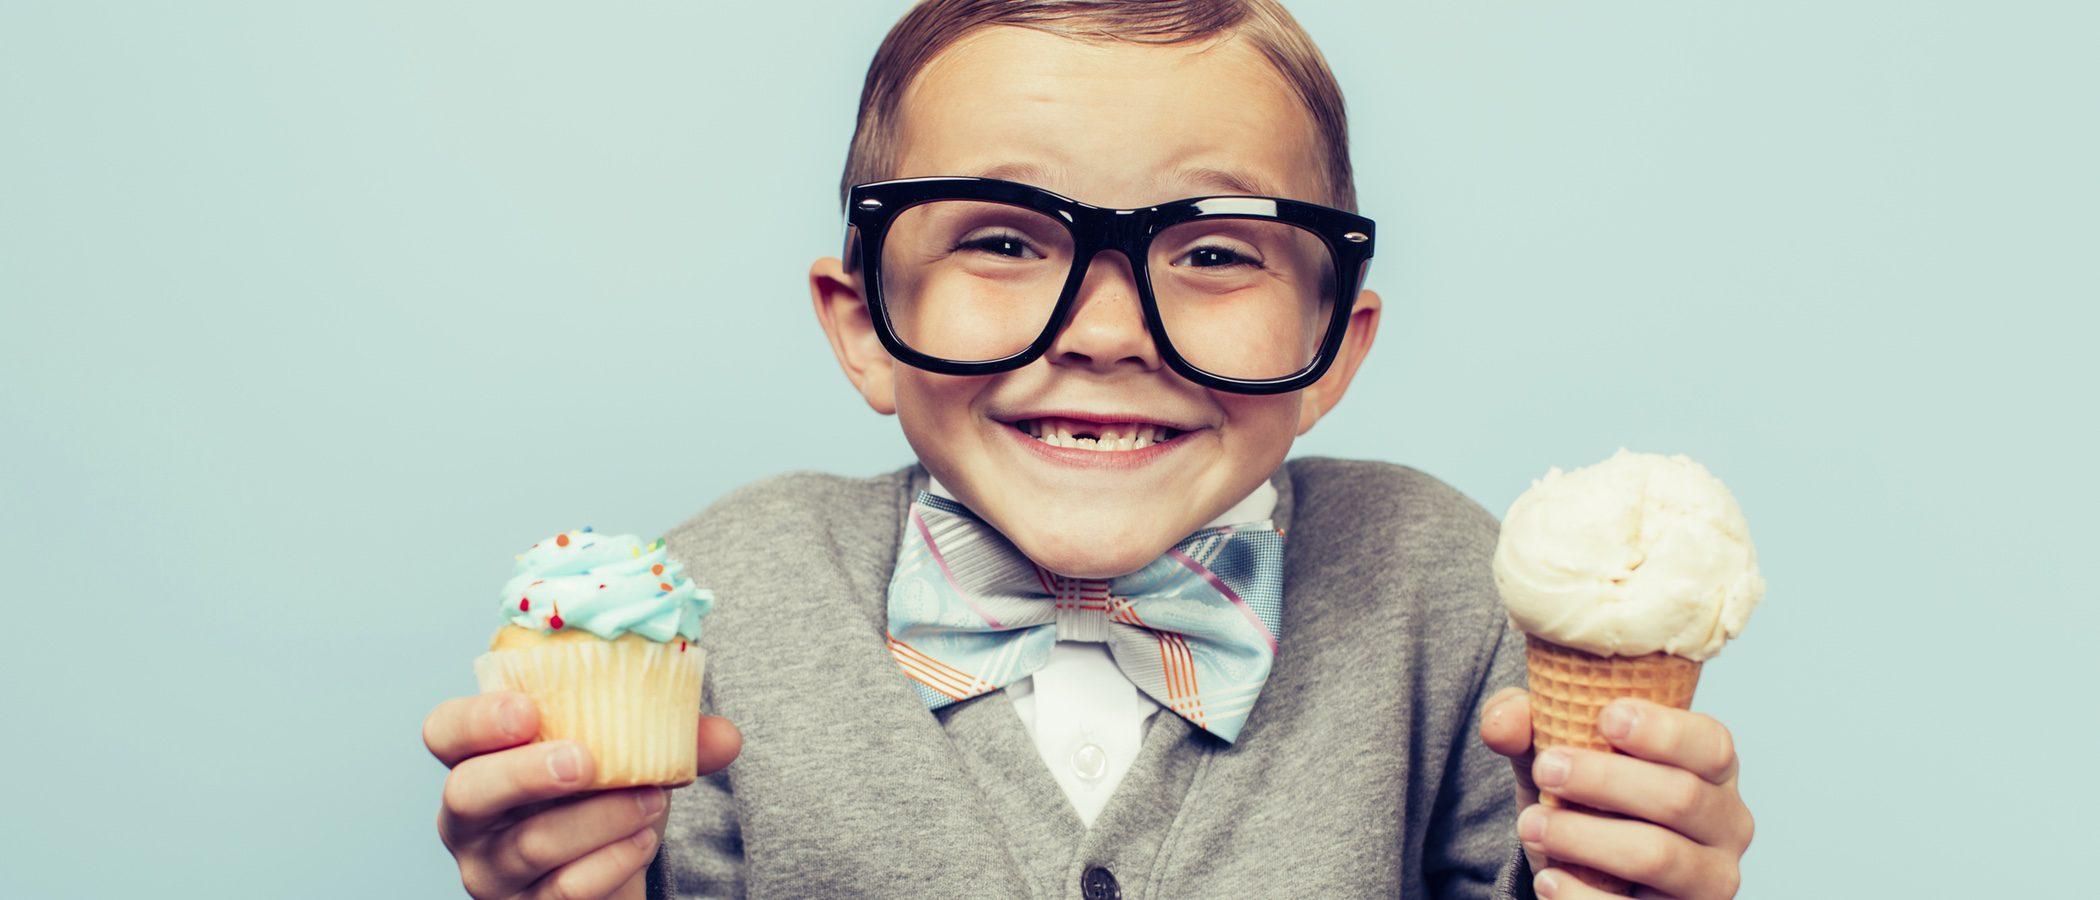 ¿Cuánto azúcar pueden consumir los niños a diario?